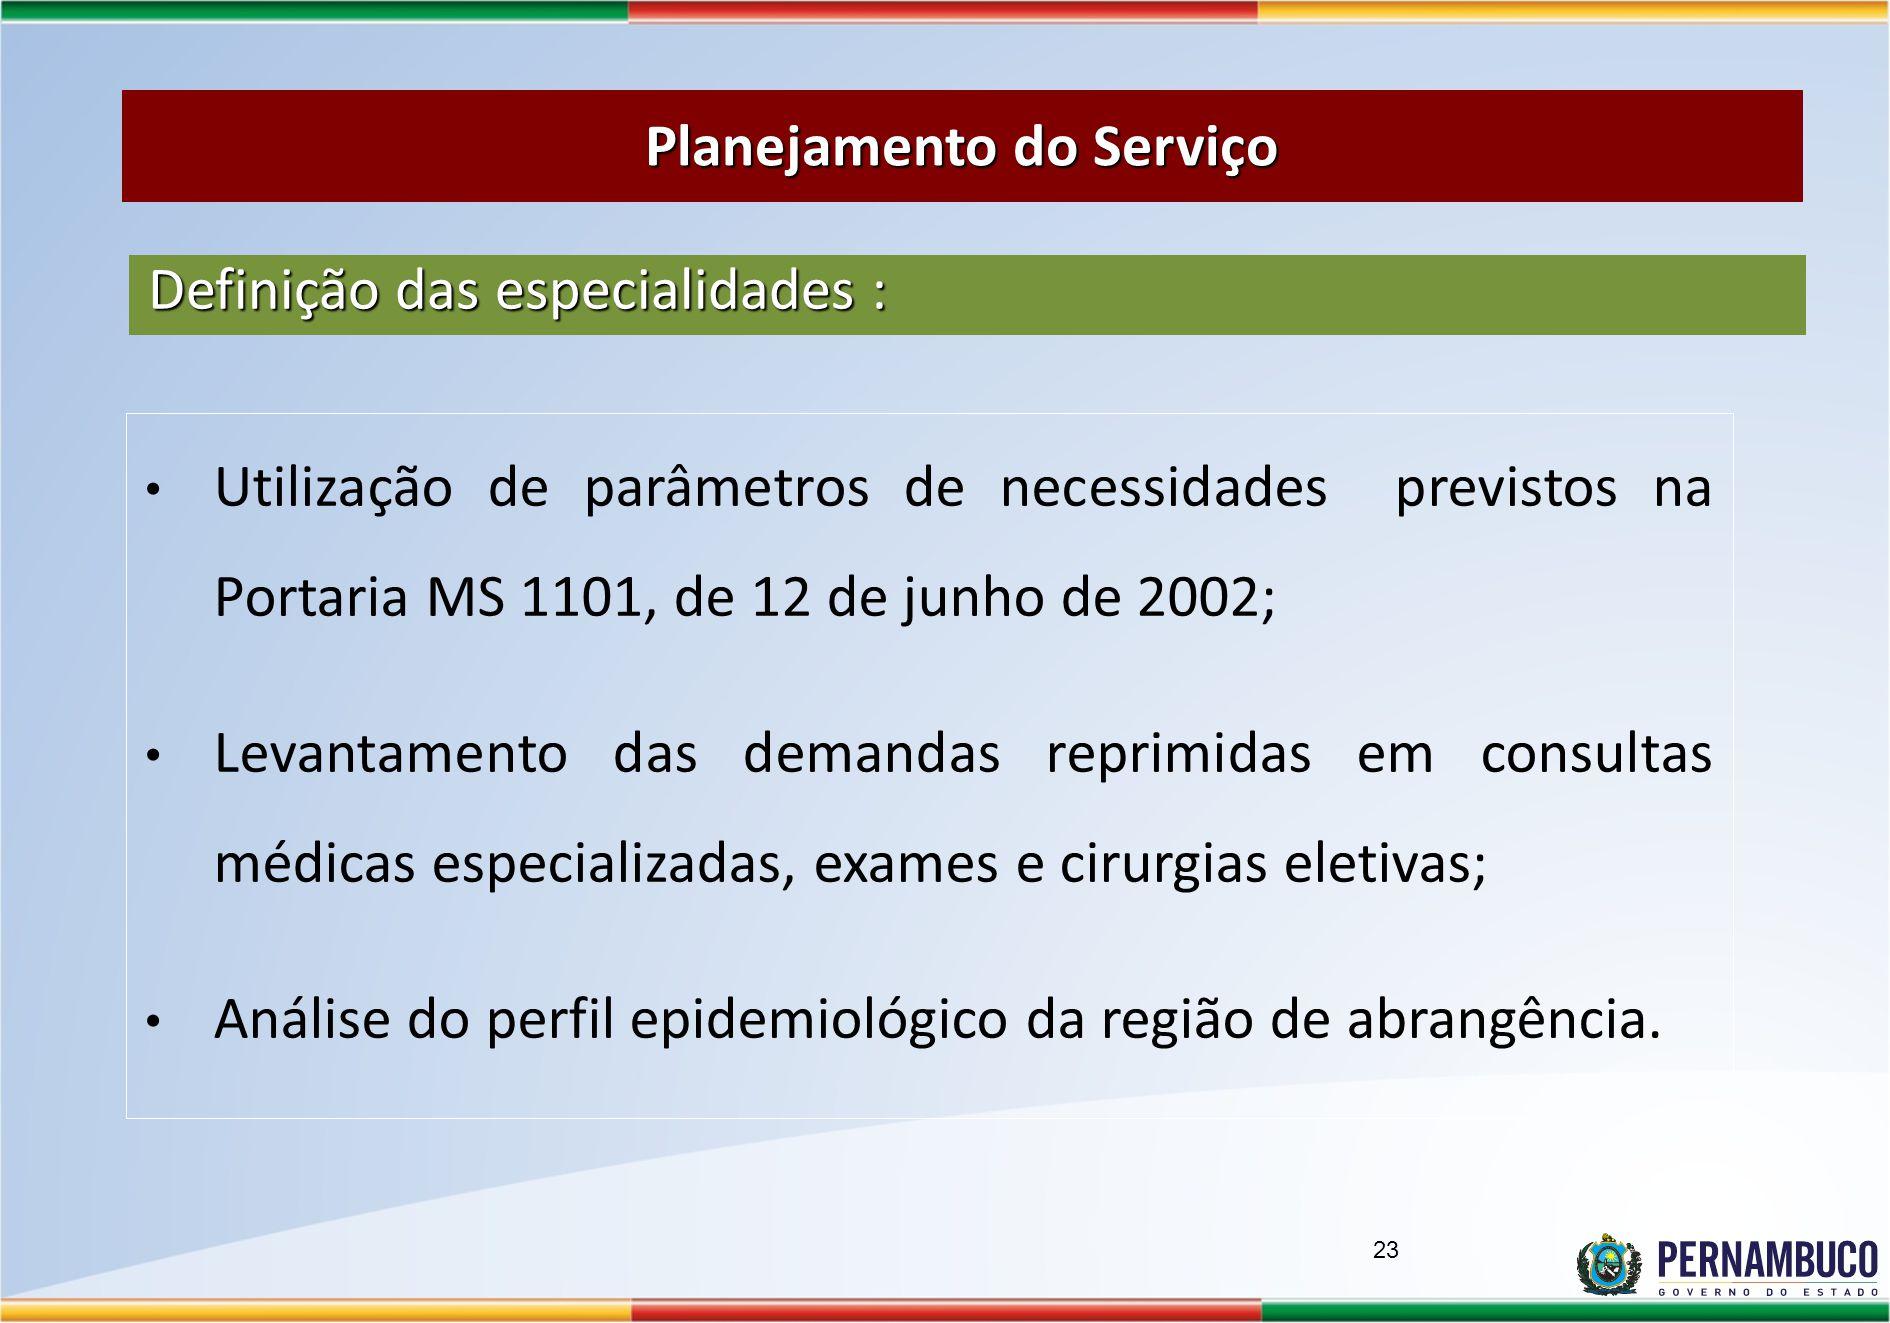 Utilização de parâmetros de necessidades previstos na Portaria MS 1101, de 12 de junho de 2002; Levantamento das demandas reprimidas em consultas médicas especializadas, exames e cirurgias eletivas; Análise do perfil epidemiológico da região de abrangência.